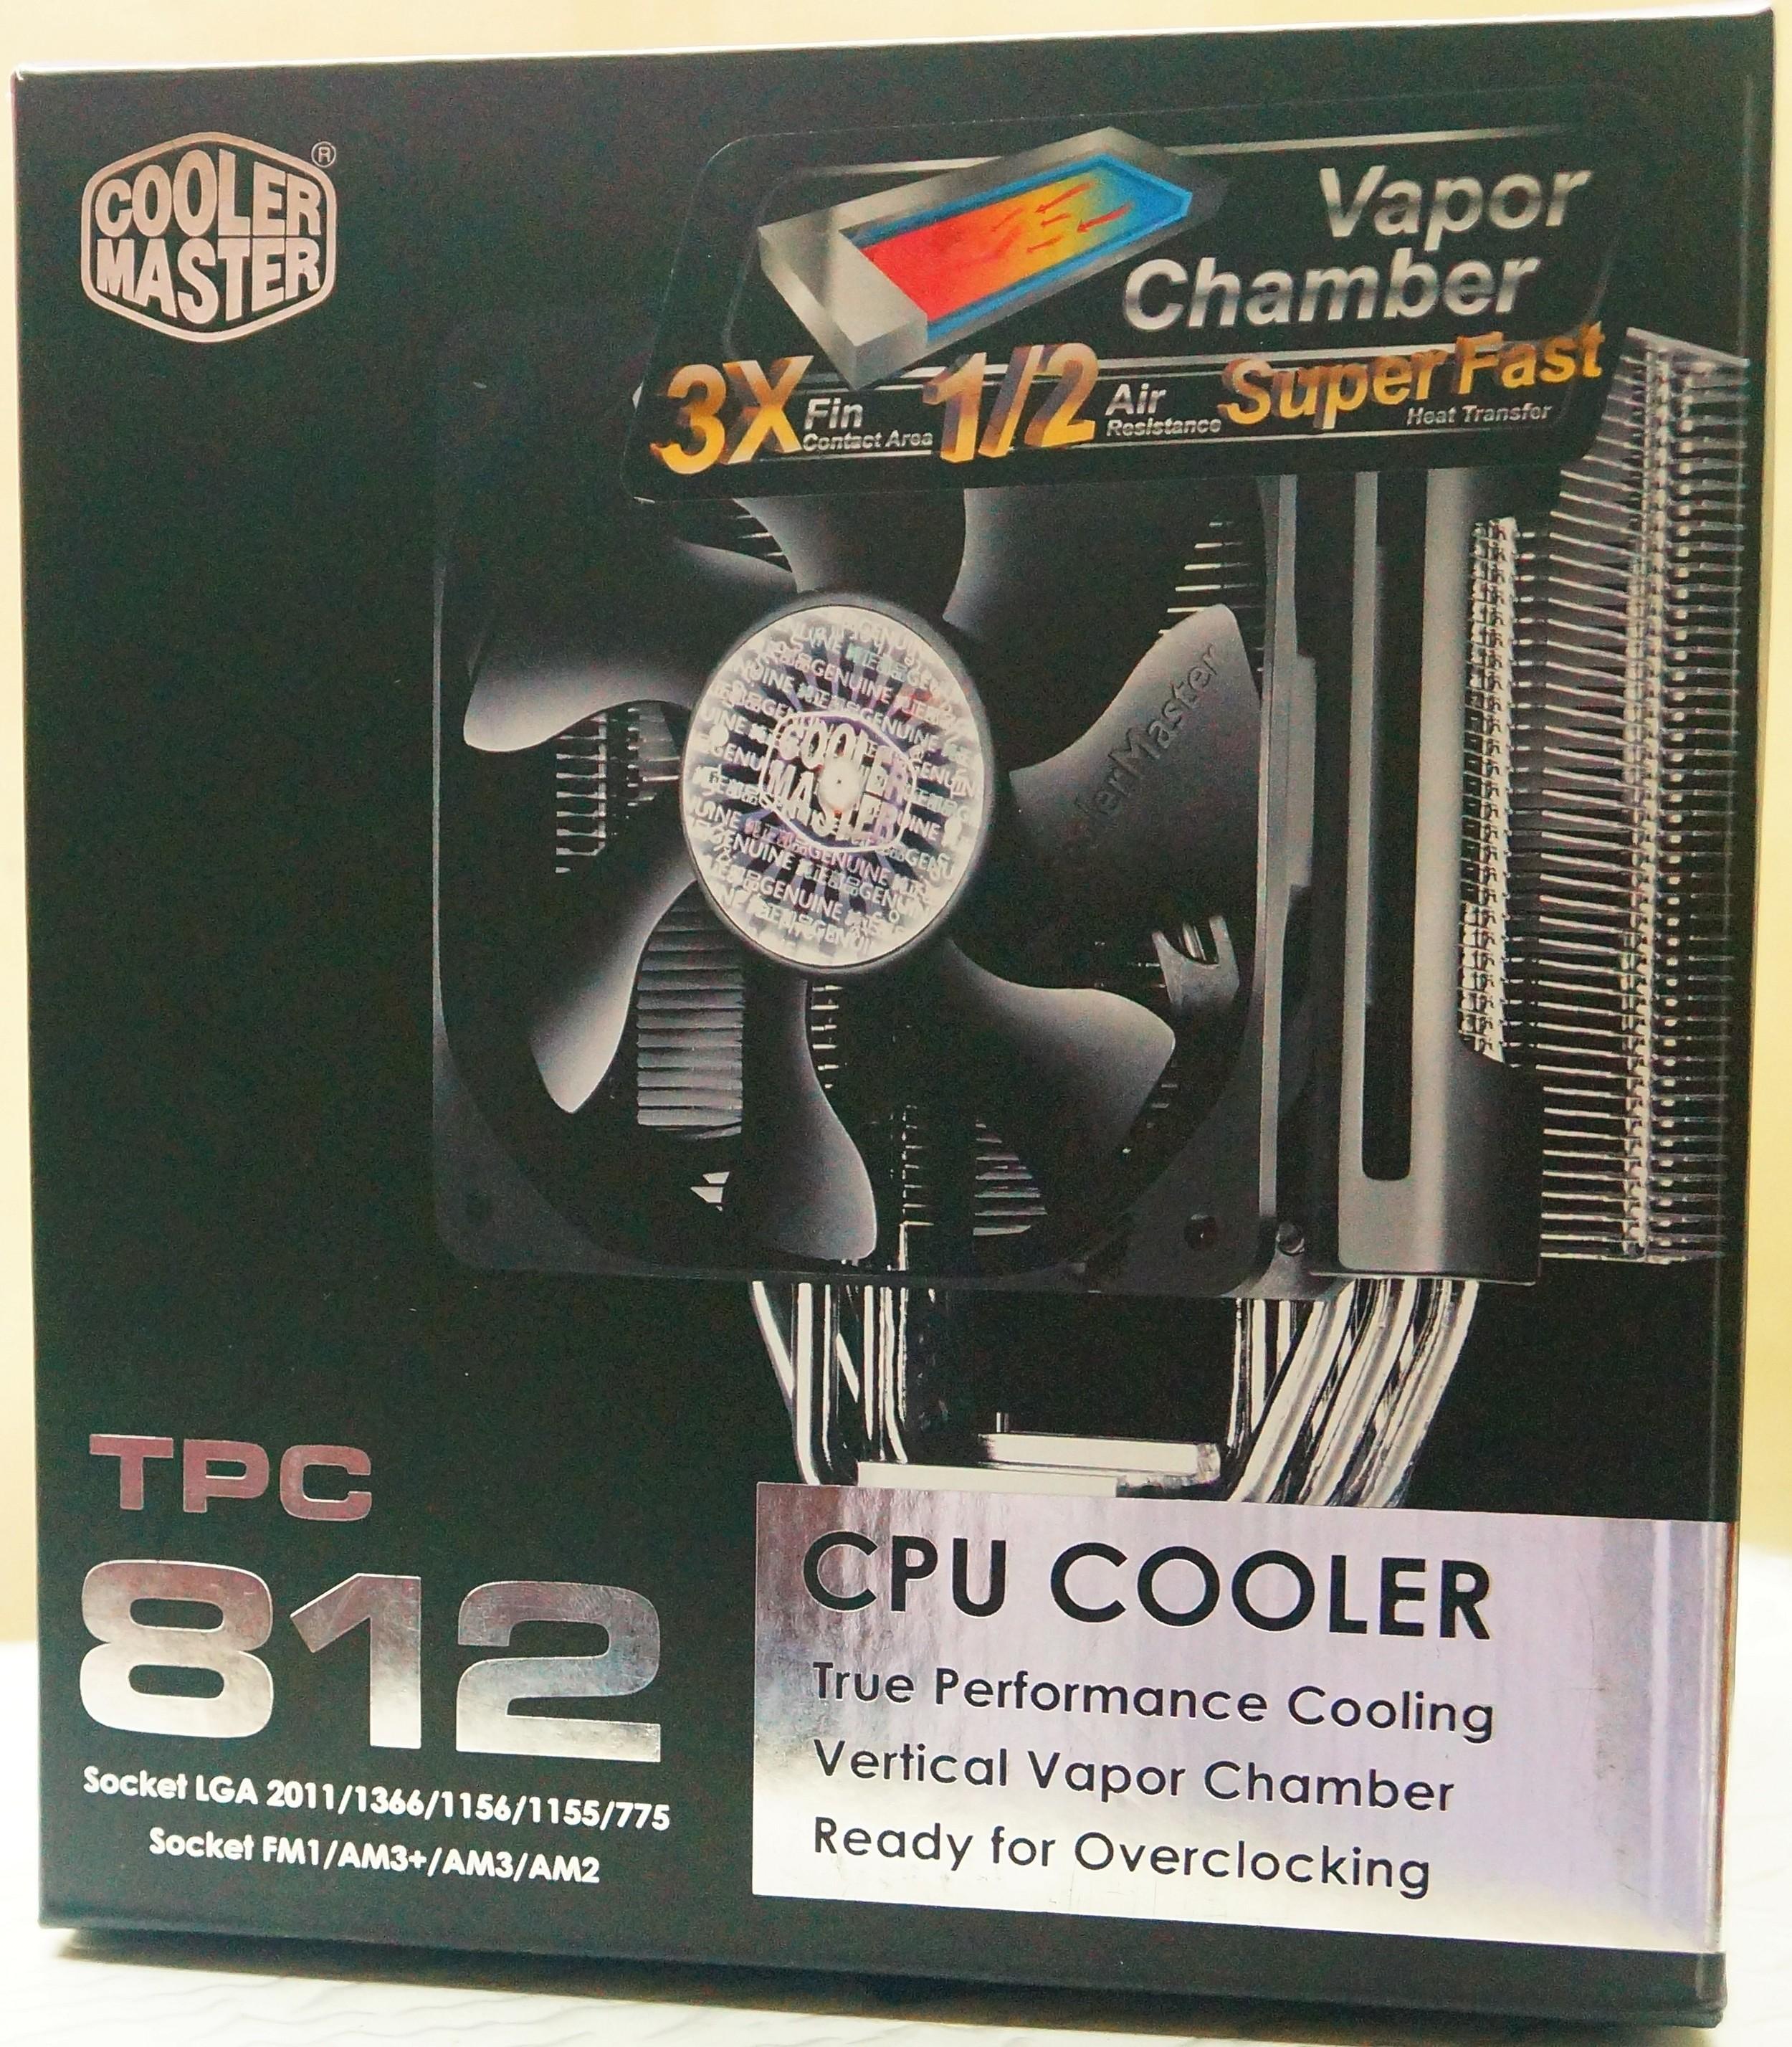 TPC 812 Box